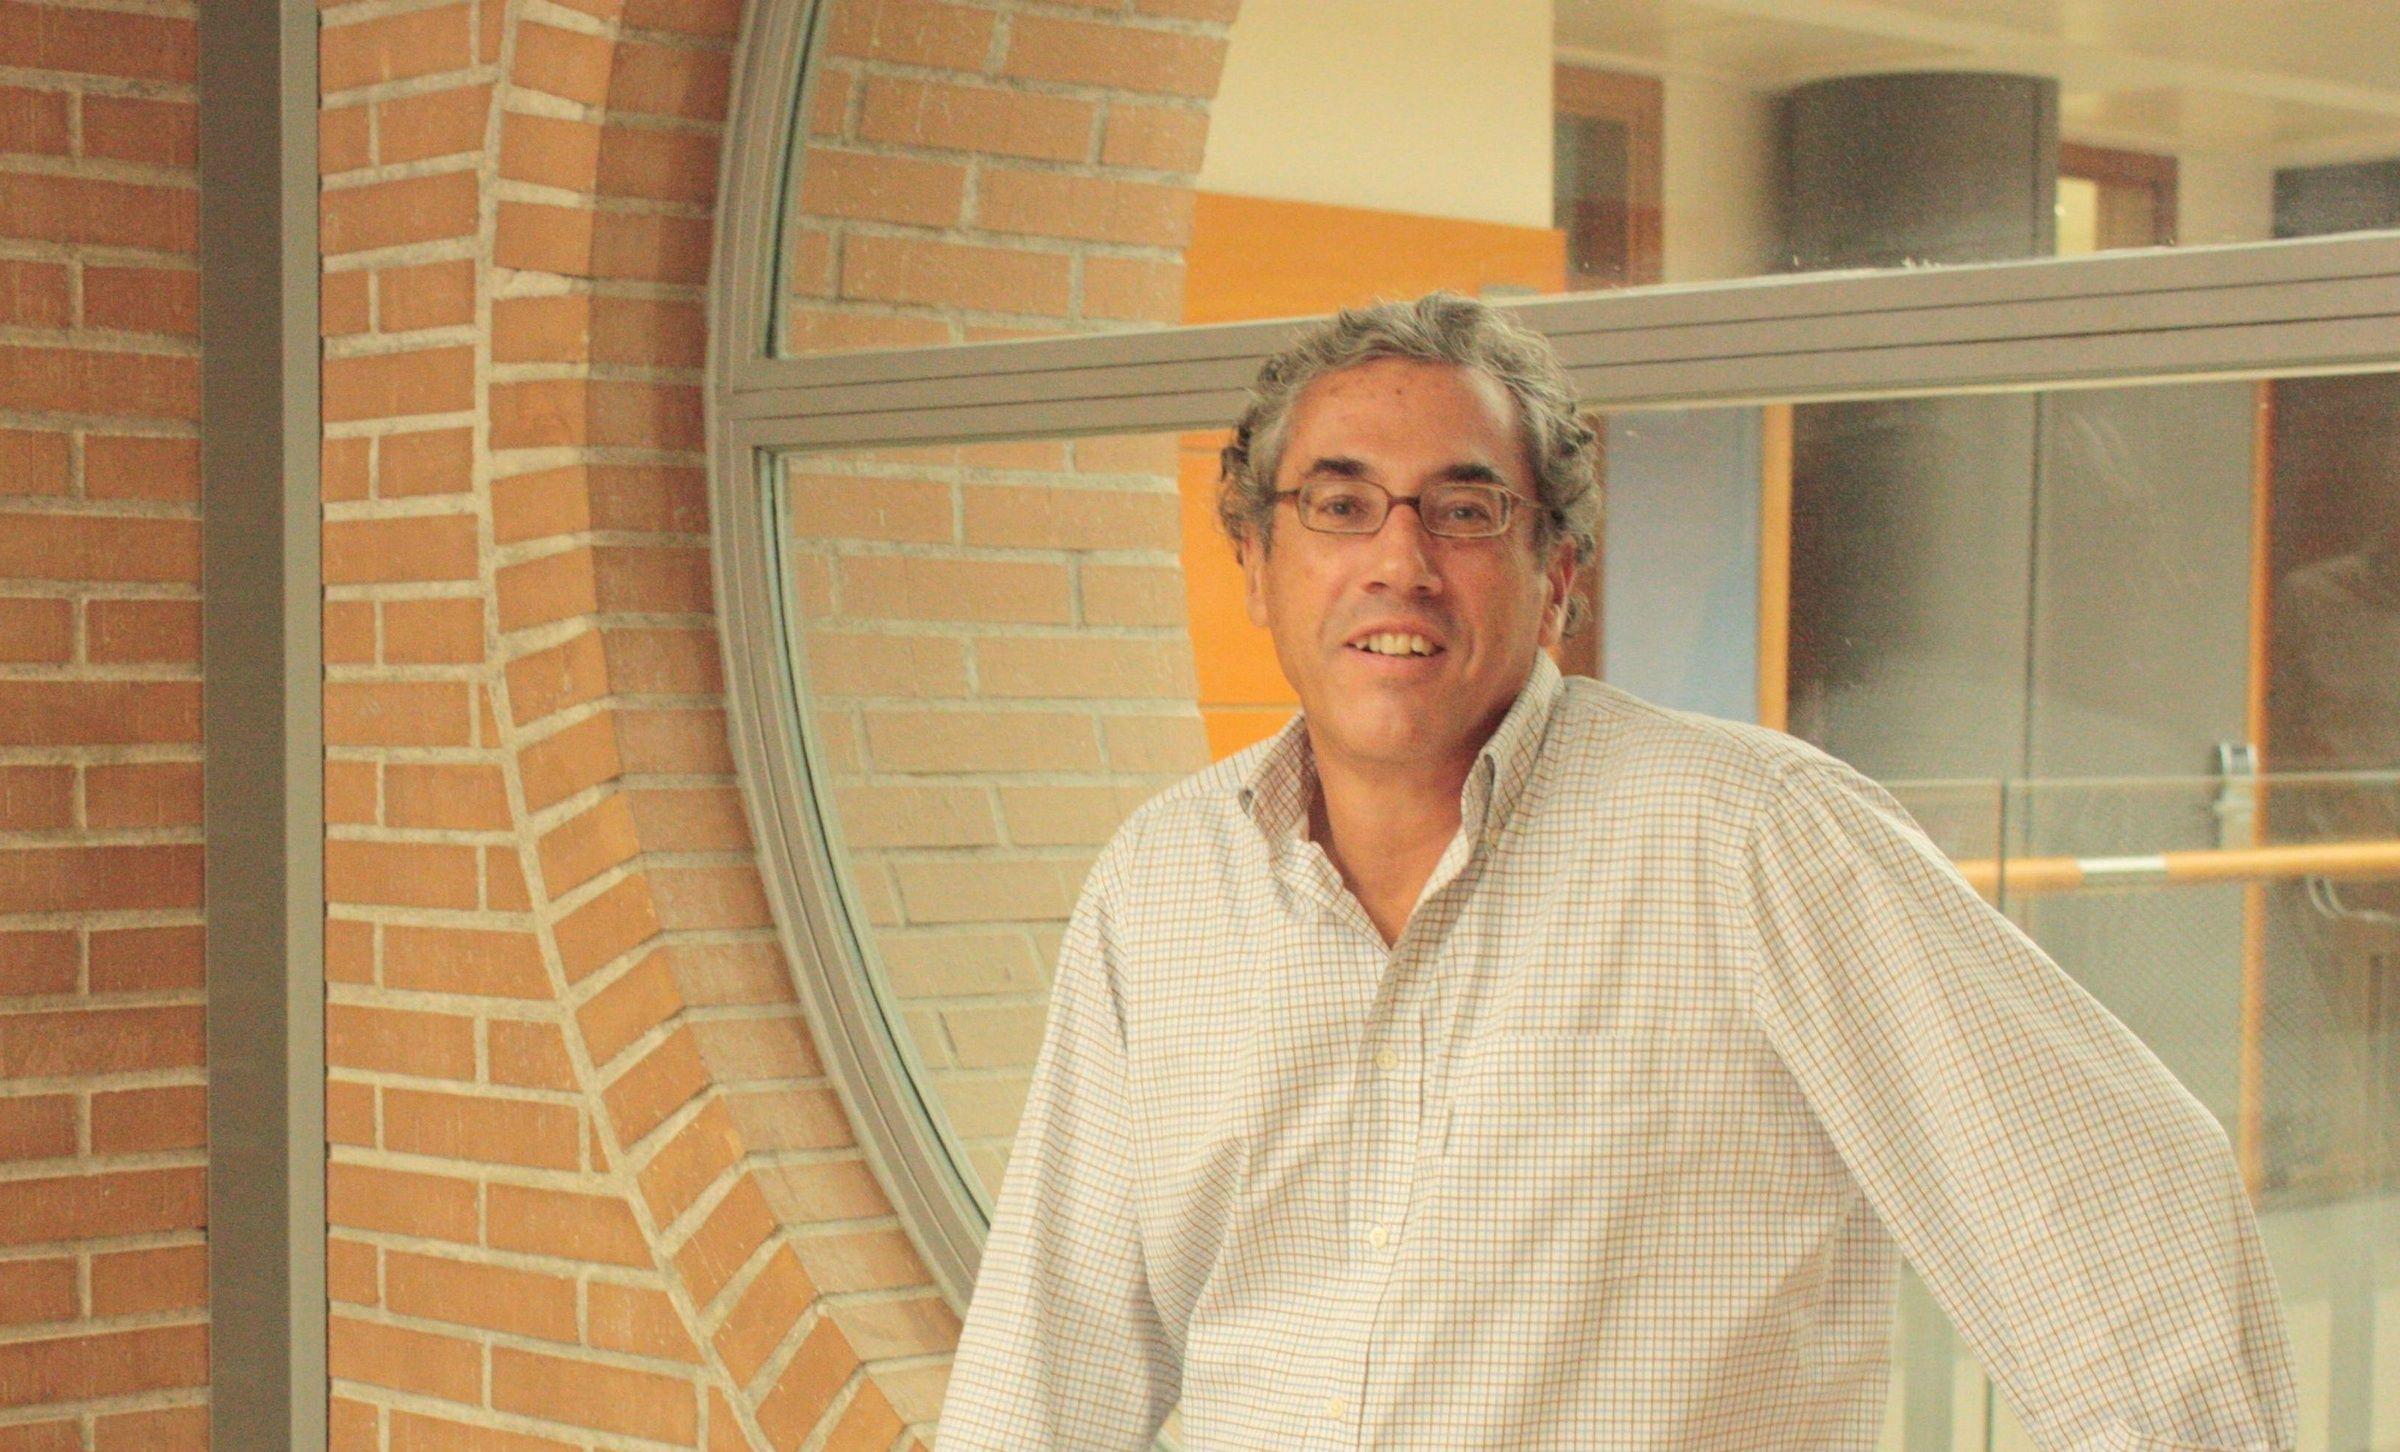 El catedrático de Economía y Finanzas de la CEU-UCH en Elche Gonzalo Rubio.